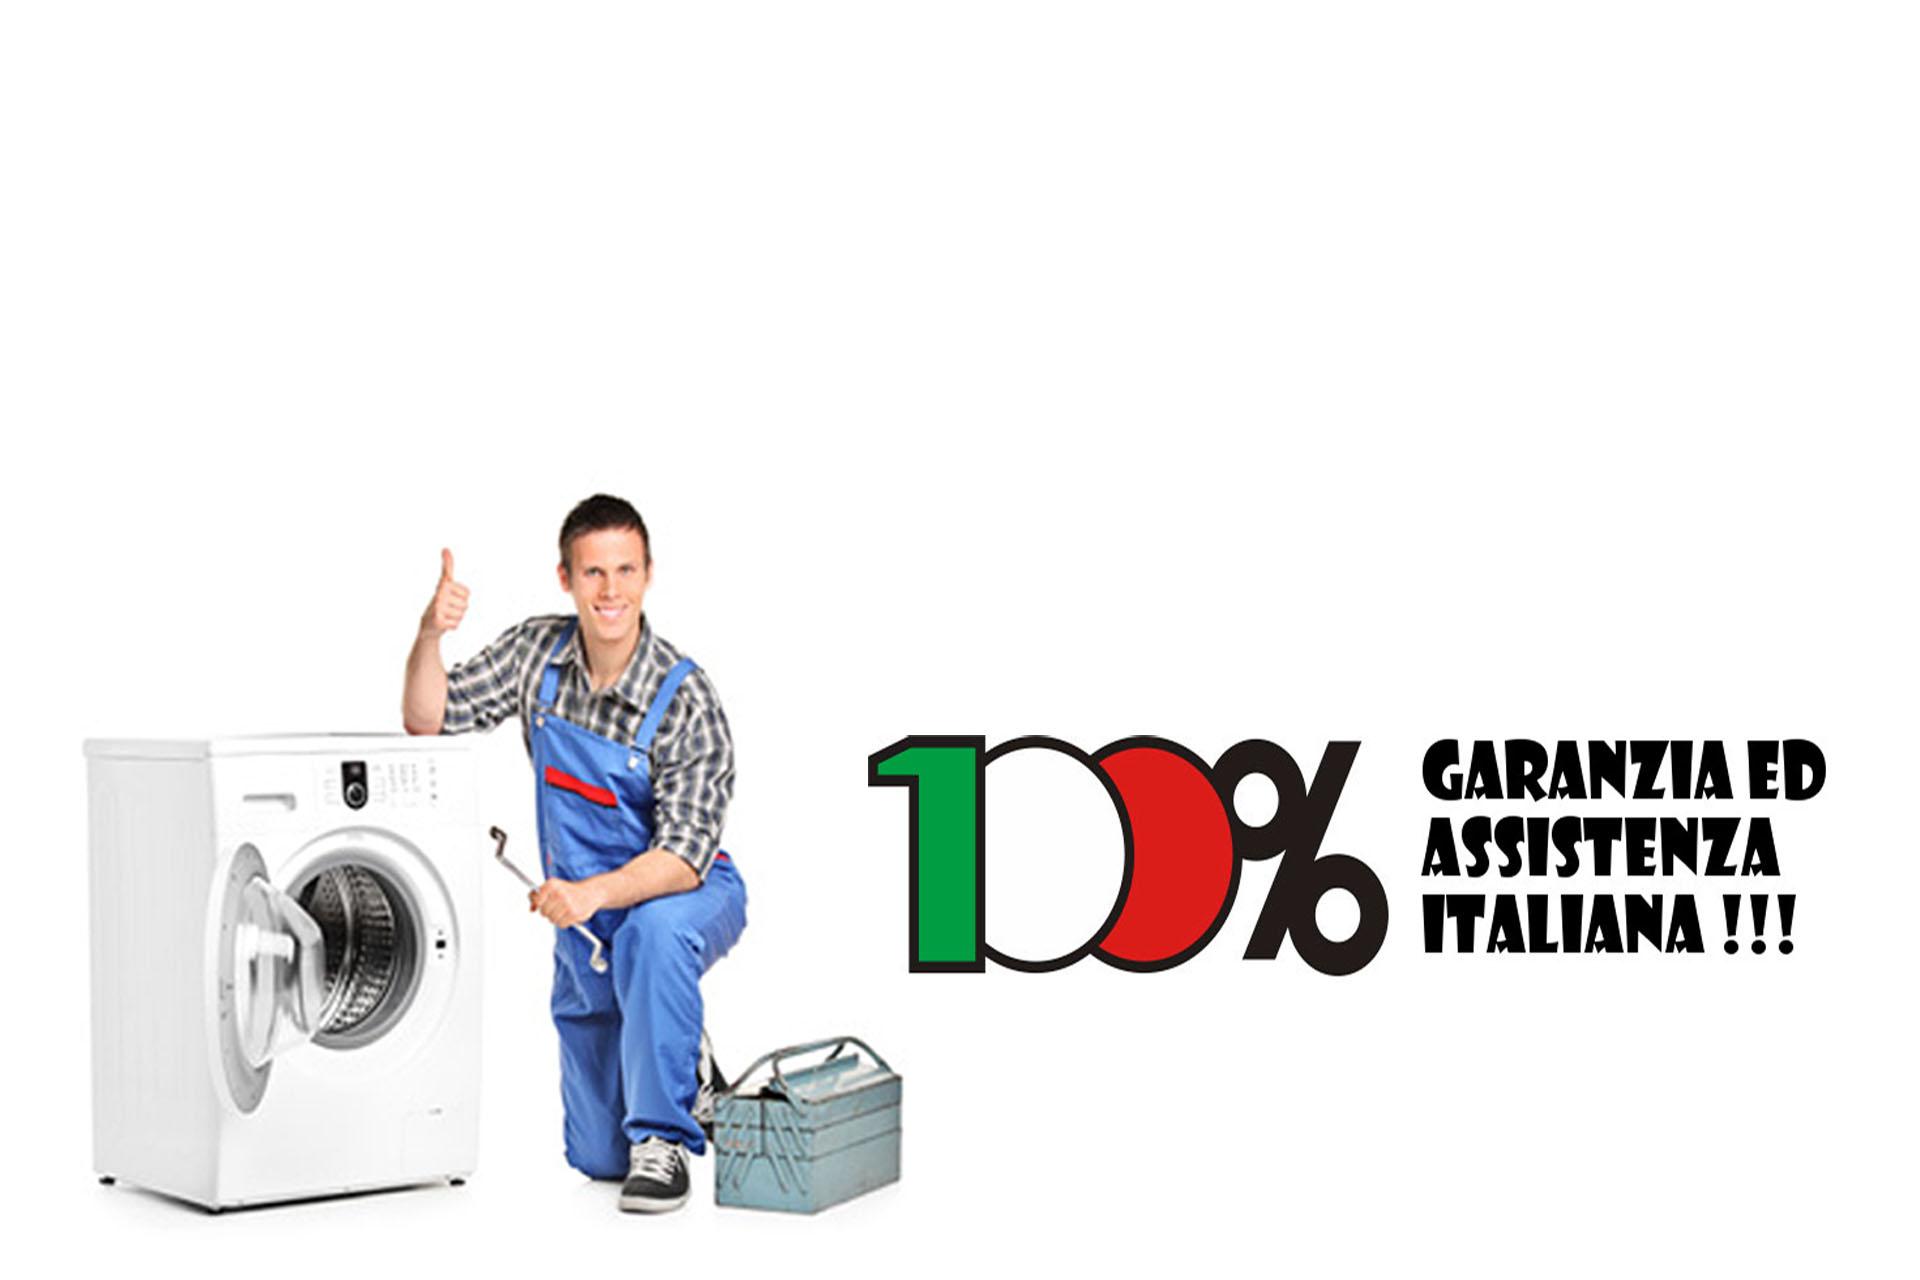 RIPARAZIONI LAVATRICI ROMA riparazioni elettrodomestici lavastoviglie Ostiense San Paolo Garbatella Marconi Eur Torrino Magliana Tor Marancia 09 SLIDE